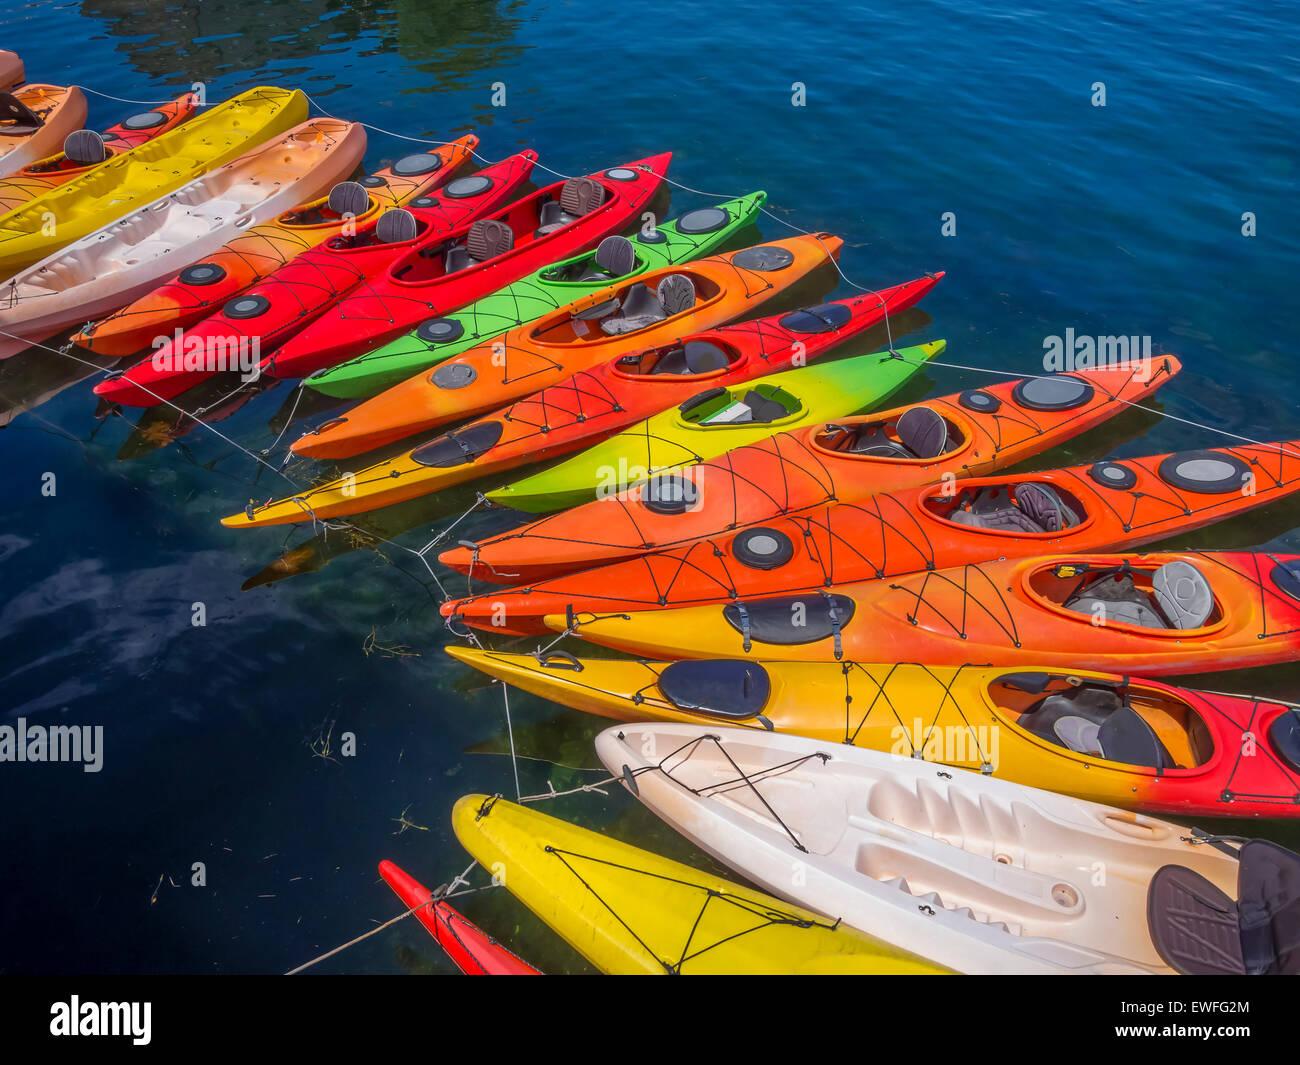 Kayaks formando un arco elegante en las aguas de Rockport, MA. Ee.Uu. Imagen De Stock